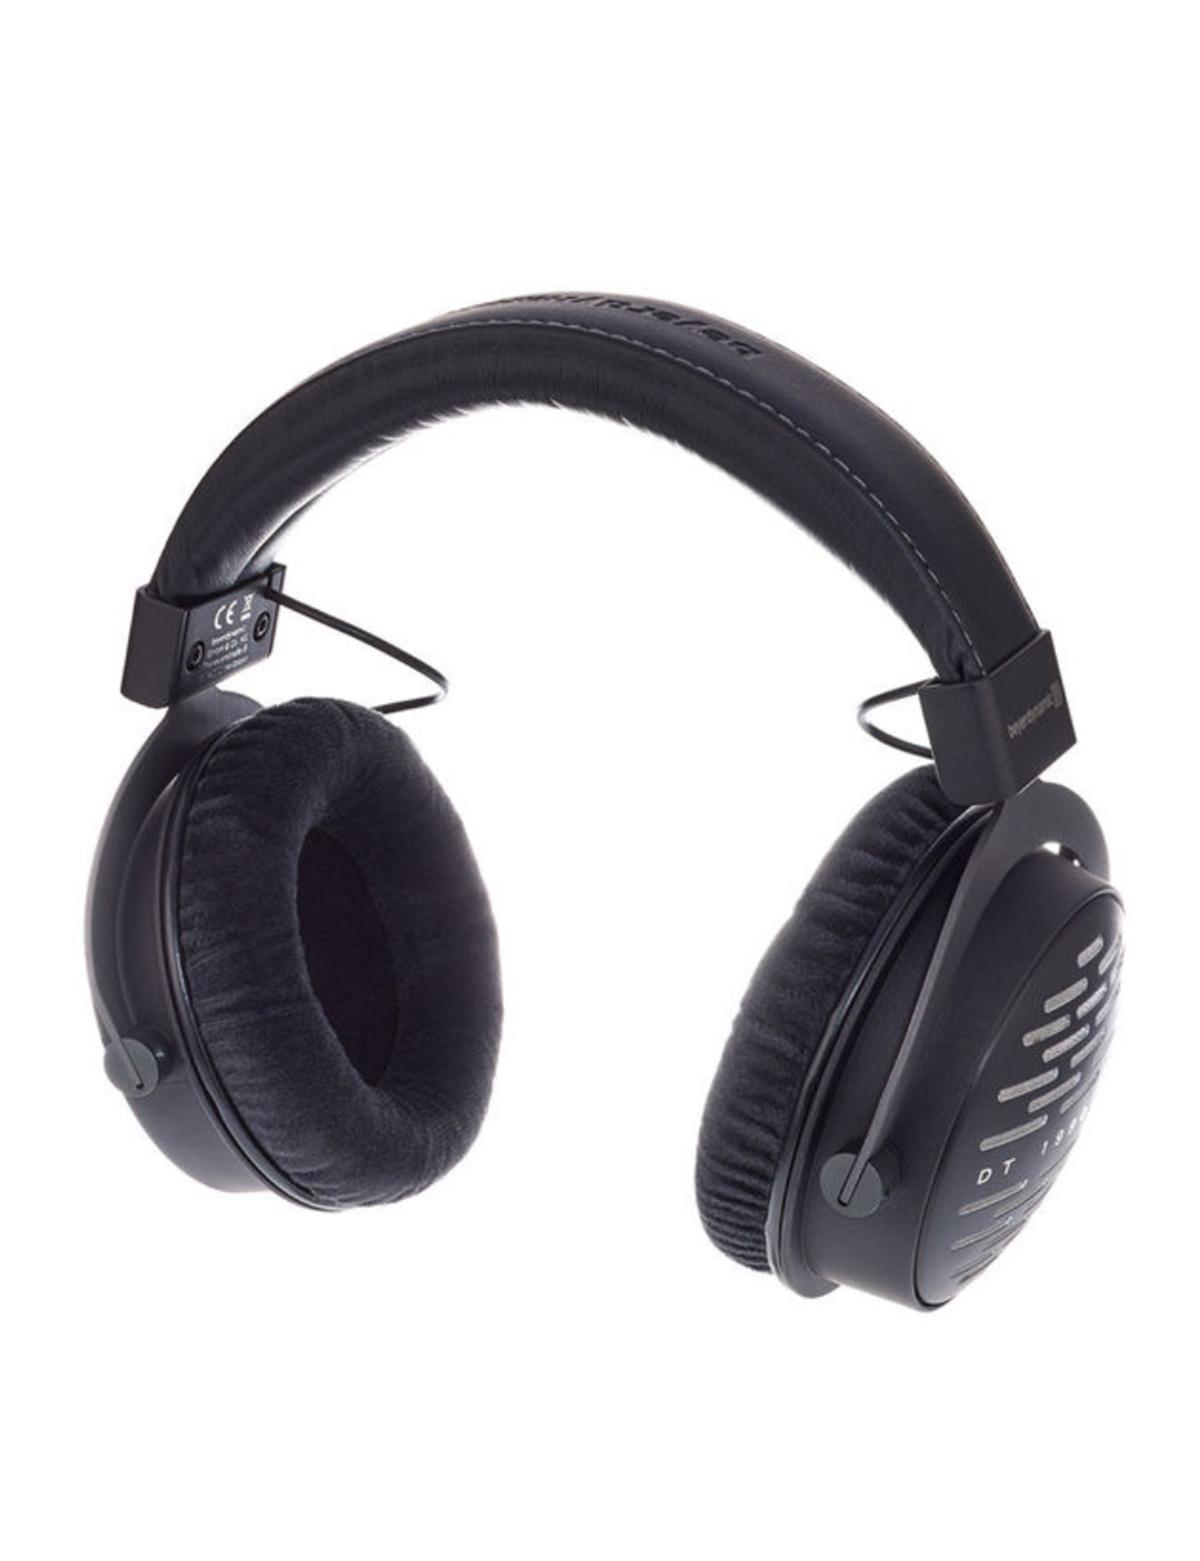 HEADPHONES BEYERDYNAMIC DT1990 PRO